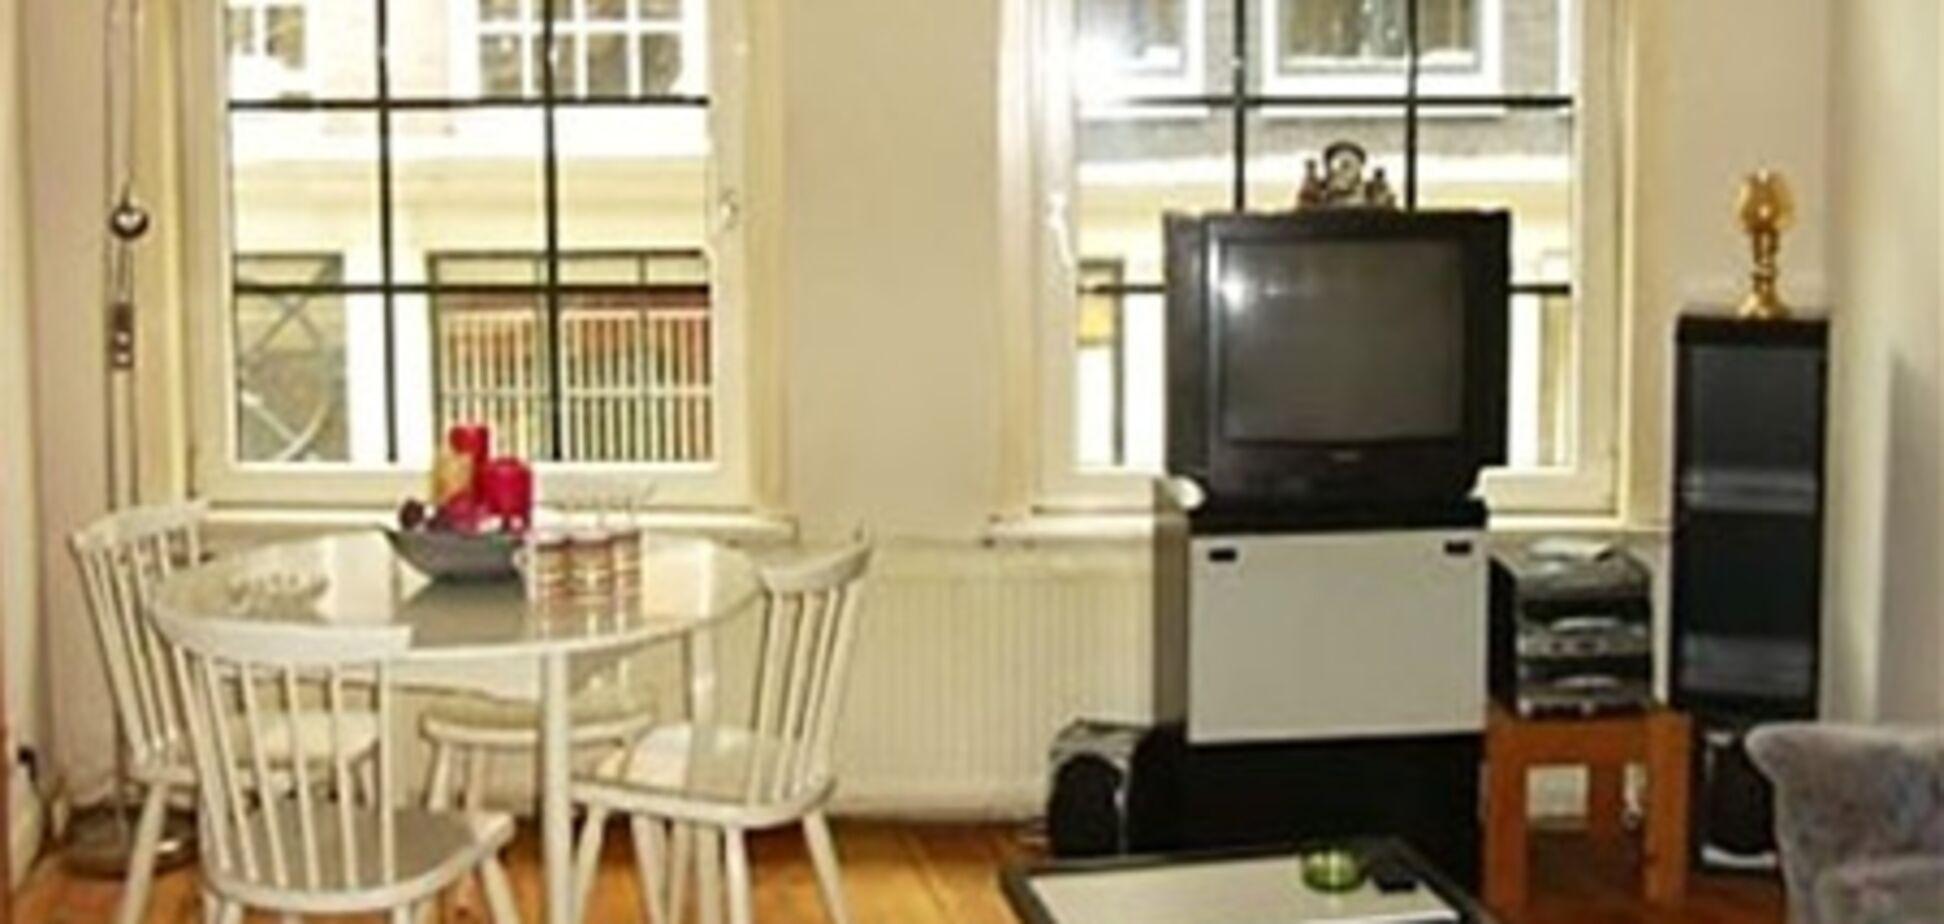 Инвестировать в квартиры сегодня невыгодно - эксперт